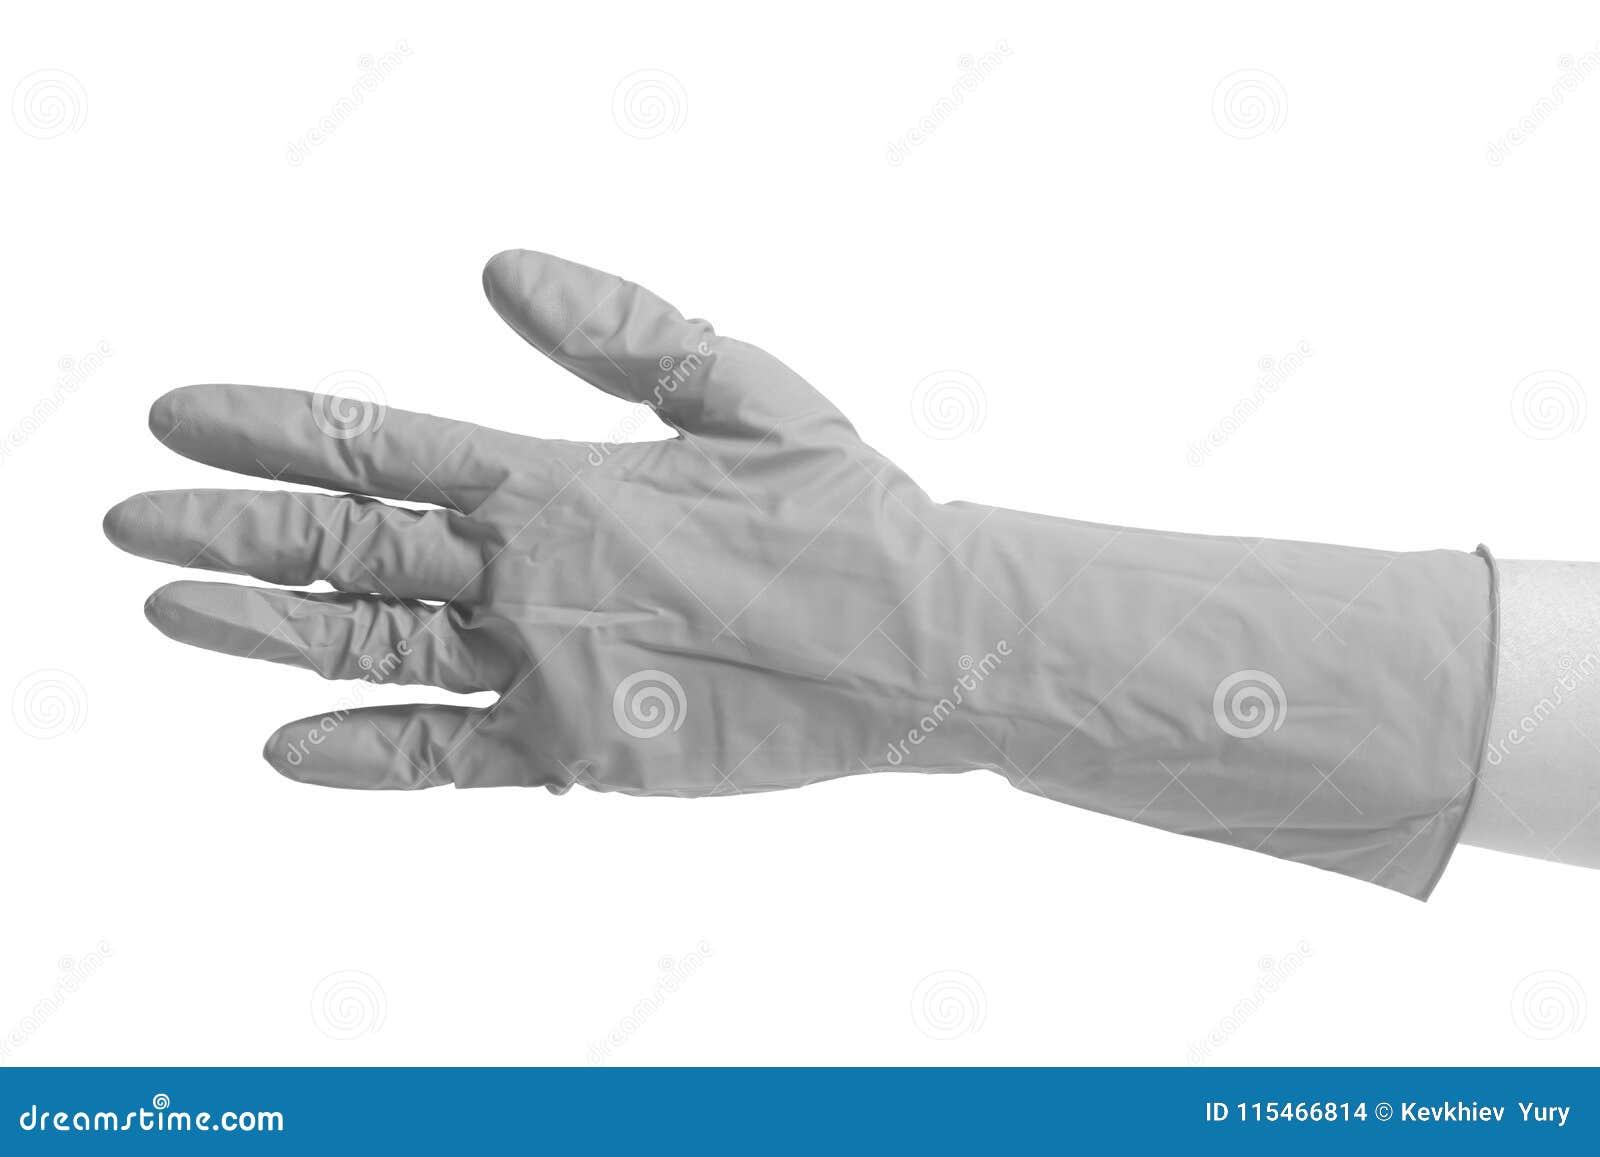 Gant de latex pour nettoyer sur la main femelle